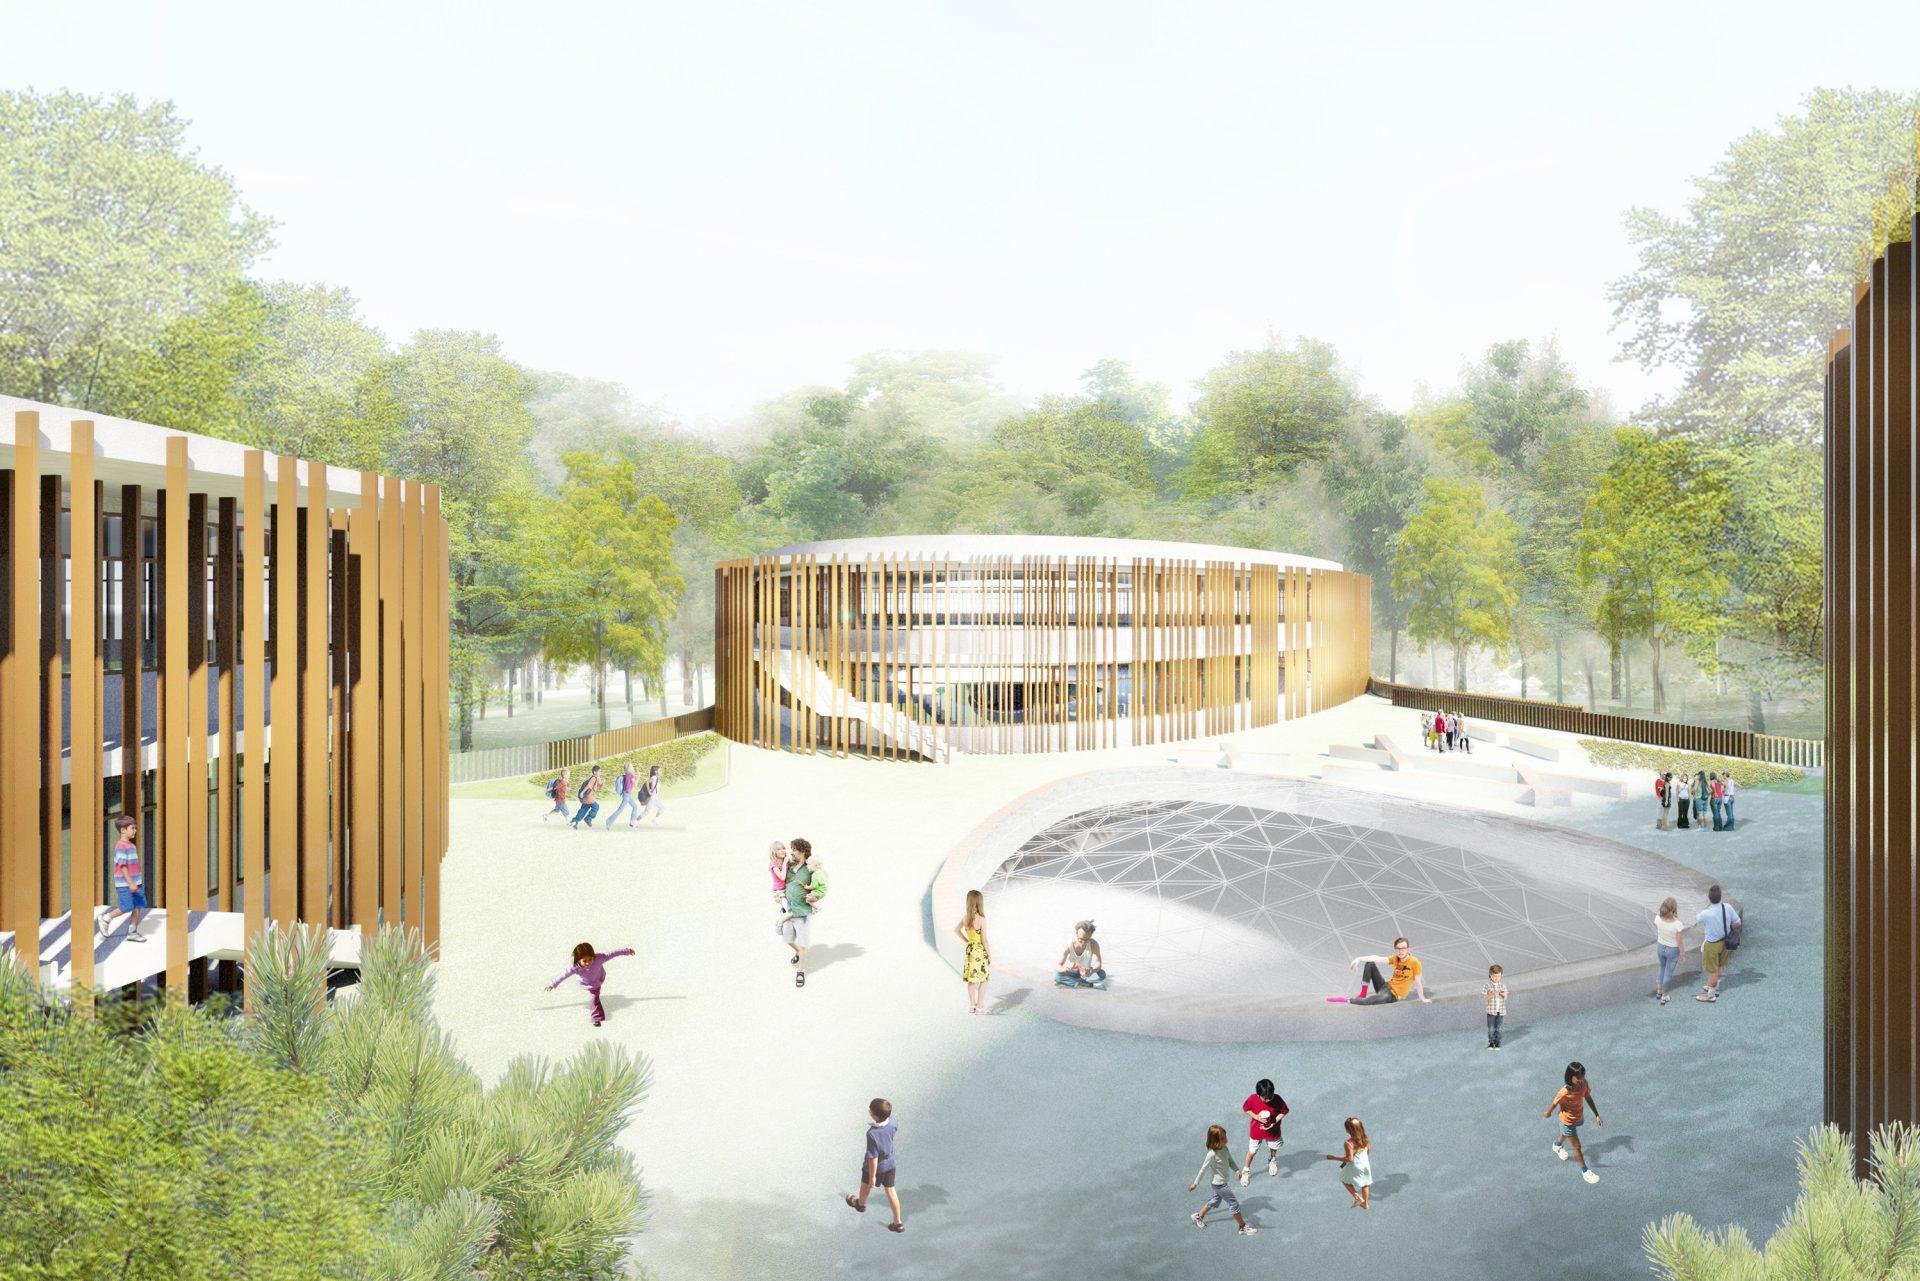 Gustav-Heinemann-Gesamtschule Essen